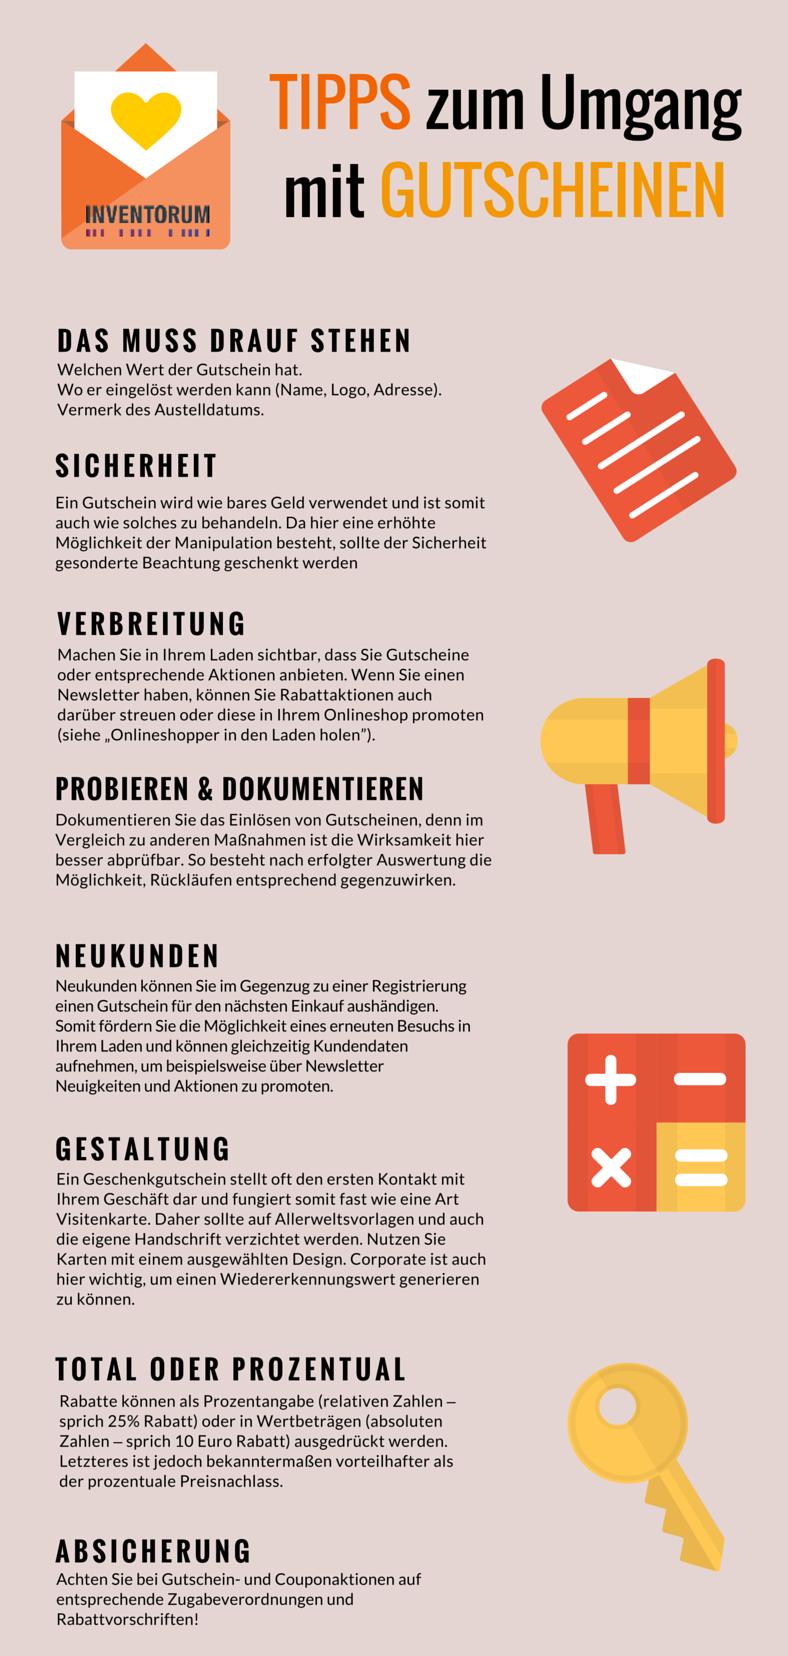 Kundenbindung durch Gutscheine – Tipps & Vorteile leicht erklärt ...